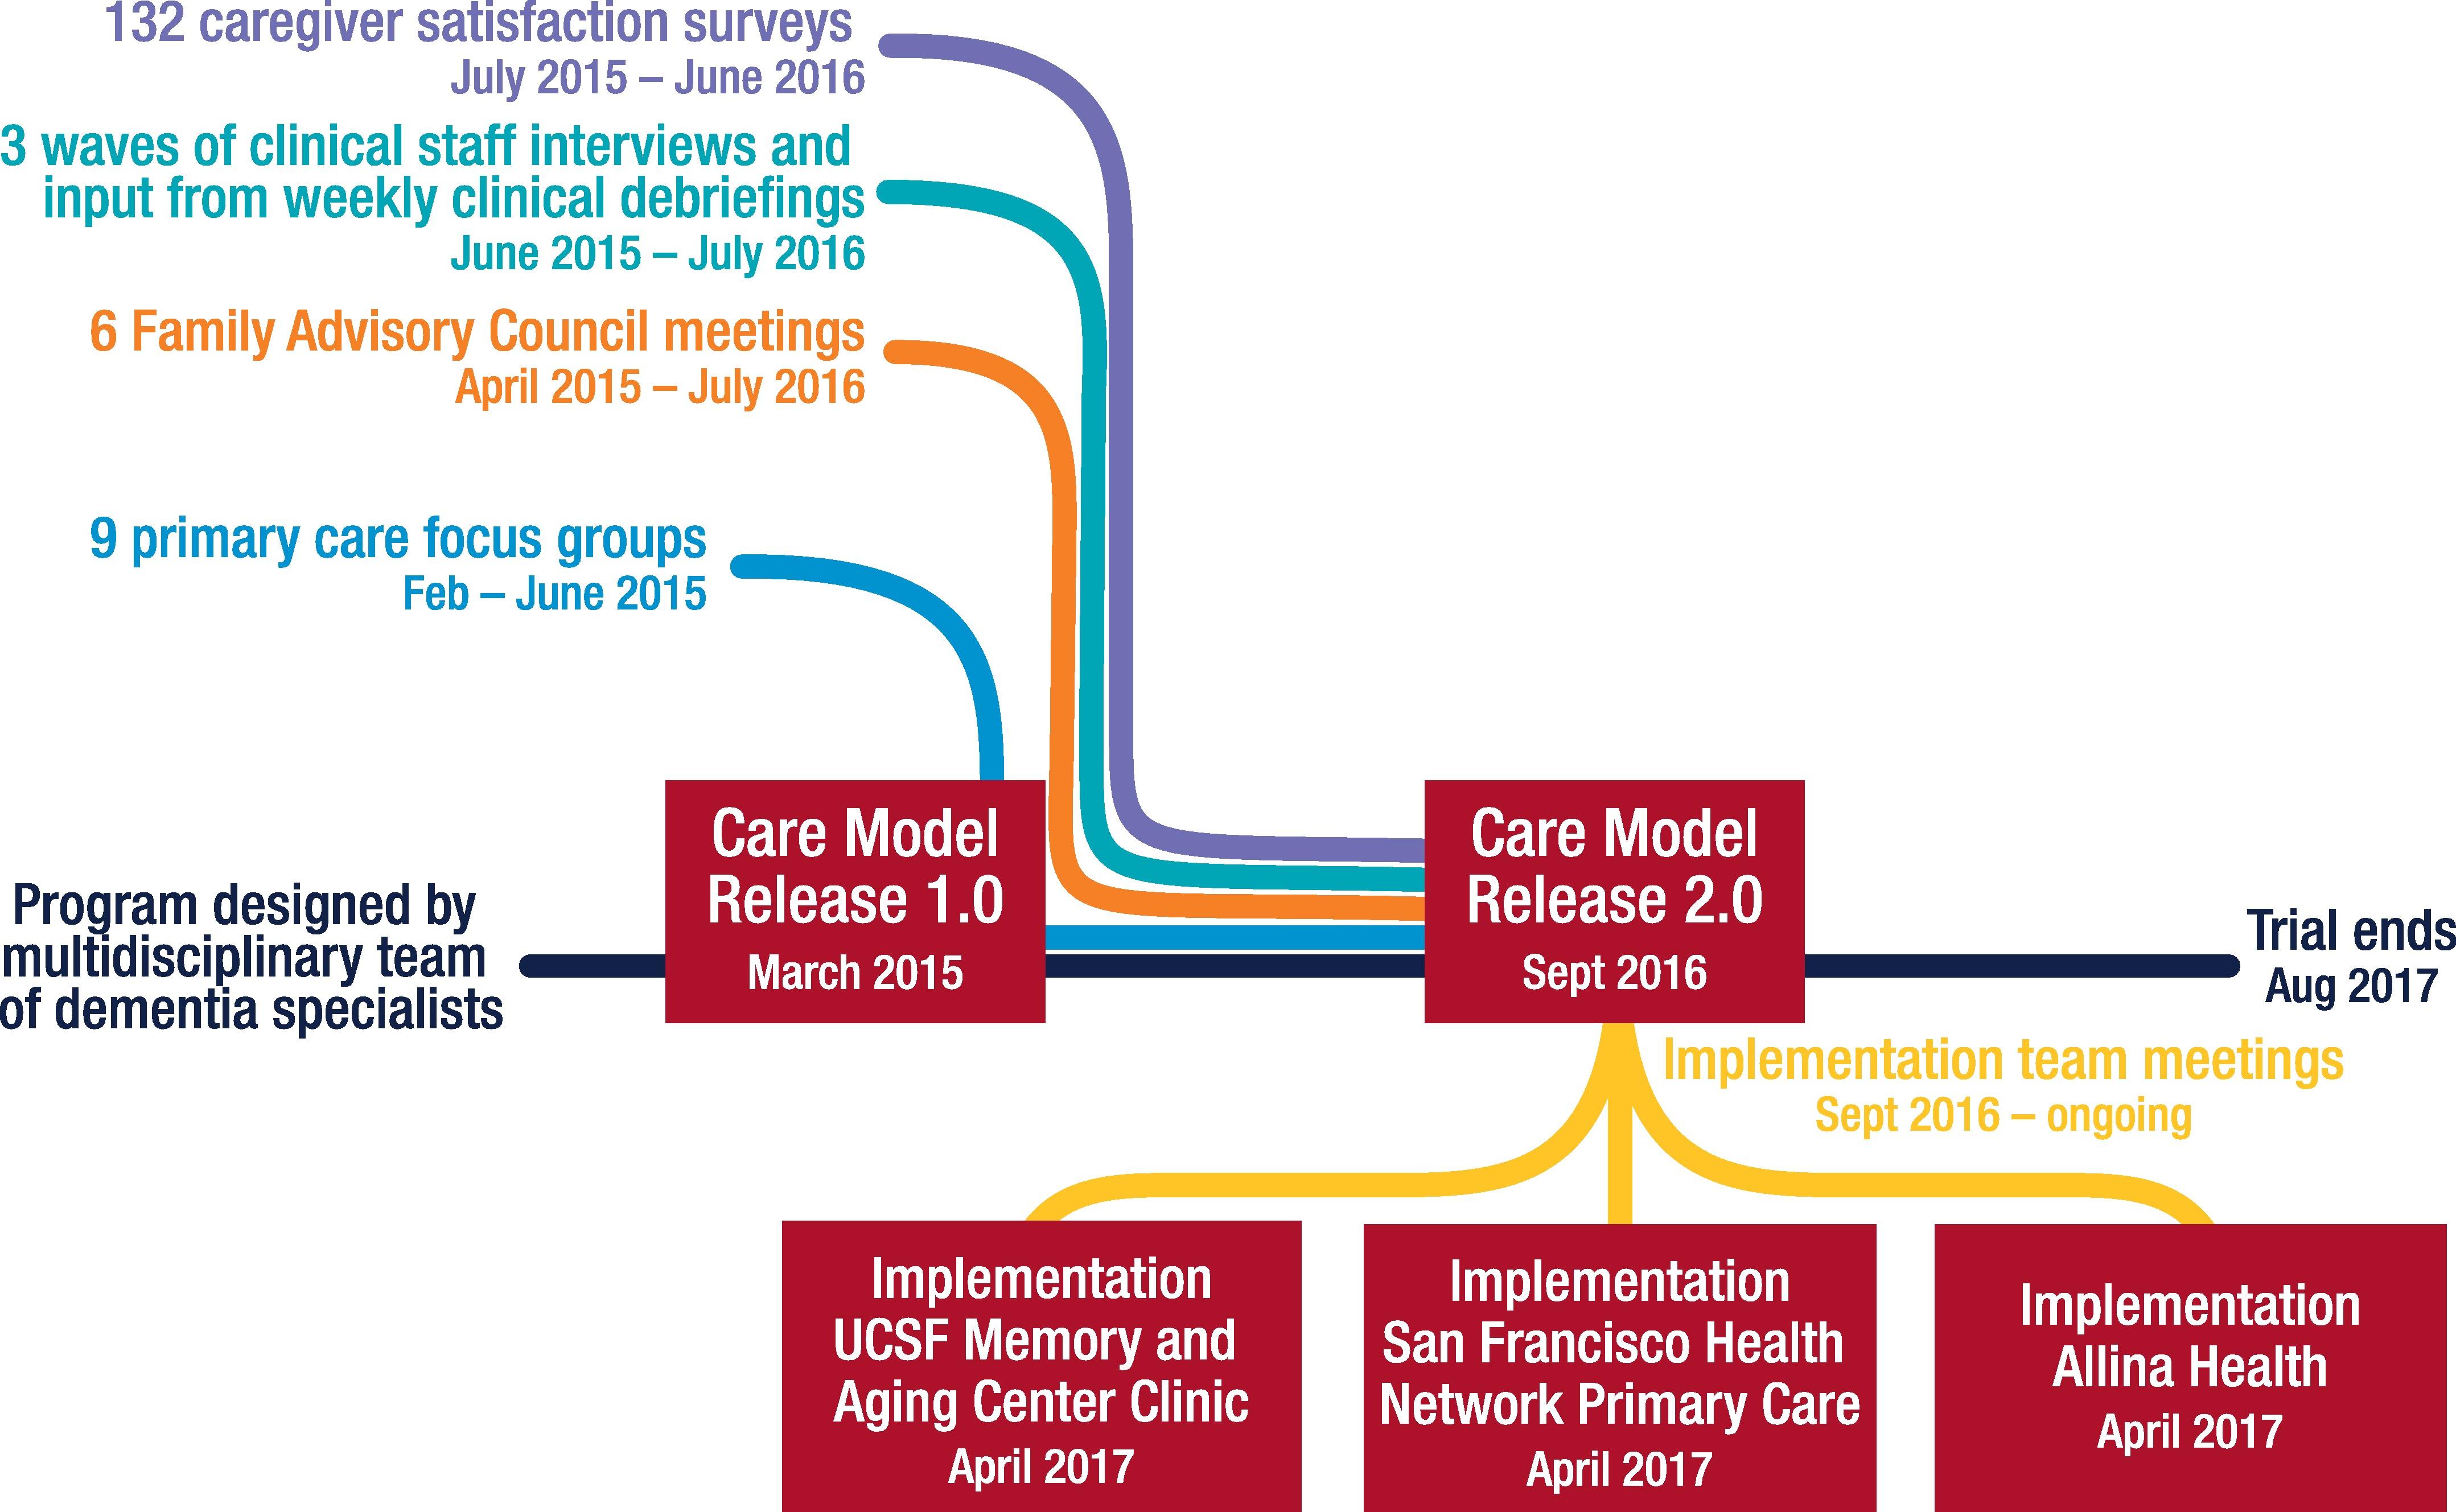 Agile development of the care model.